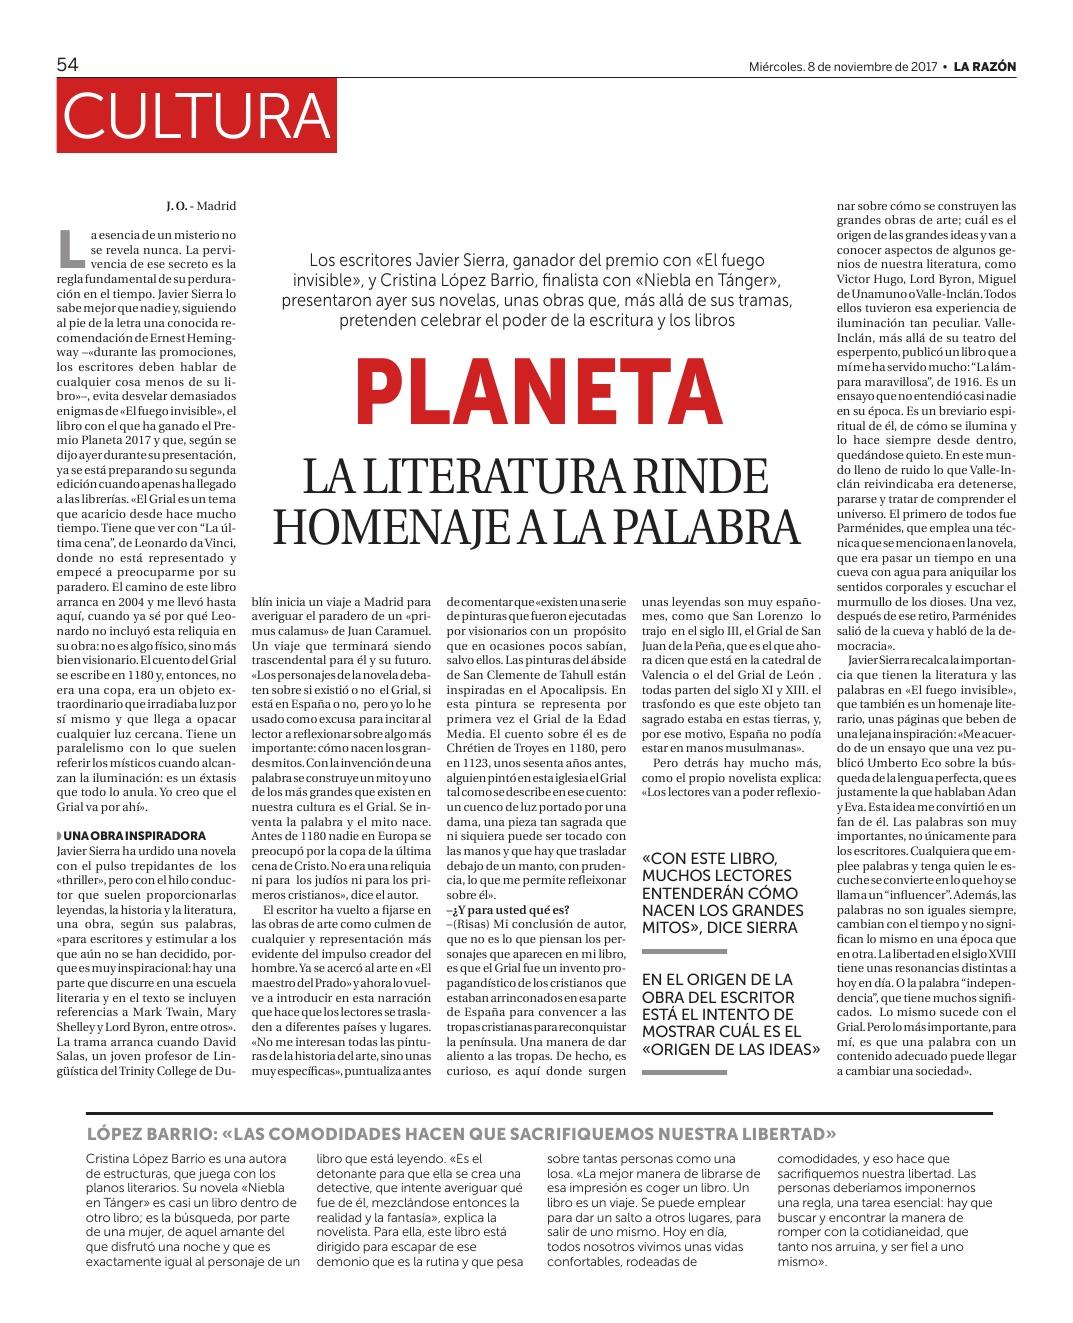 20171108 DOSSIER DE PRENSA Premio Planeta